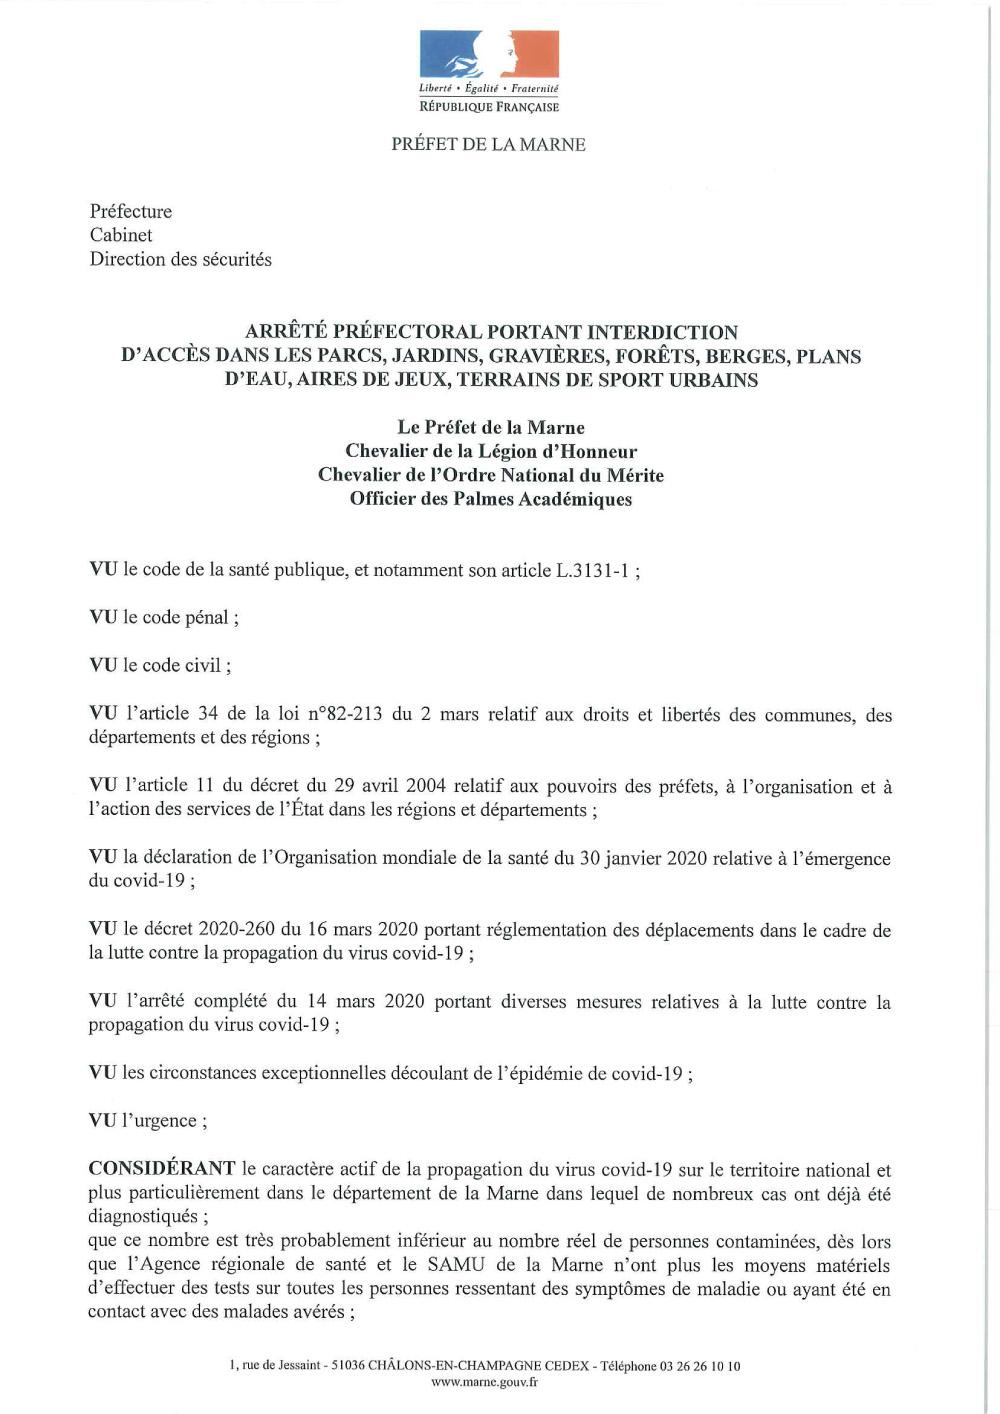 arreteprefectoraldu21mars2020-1